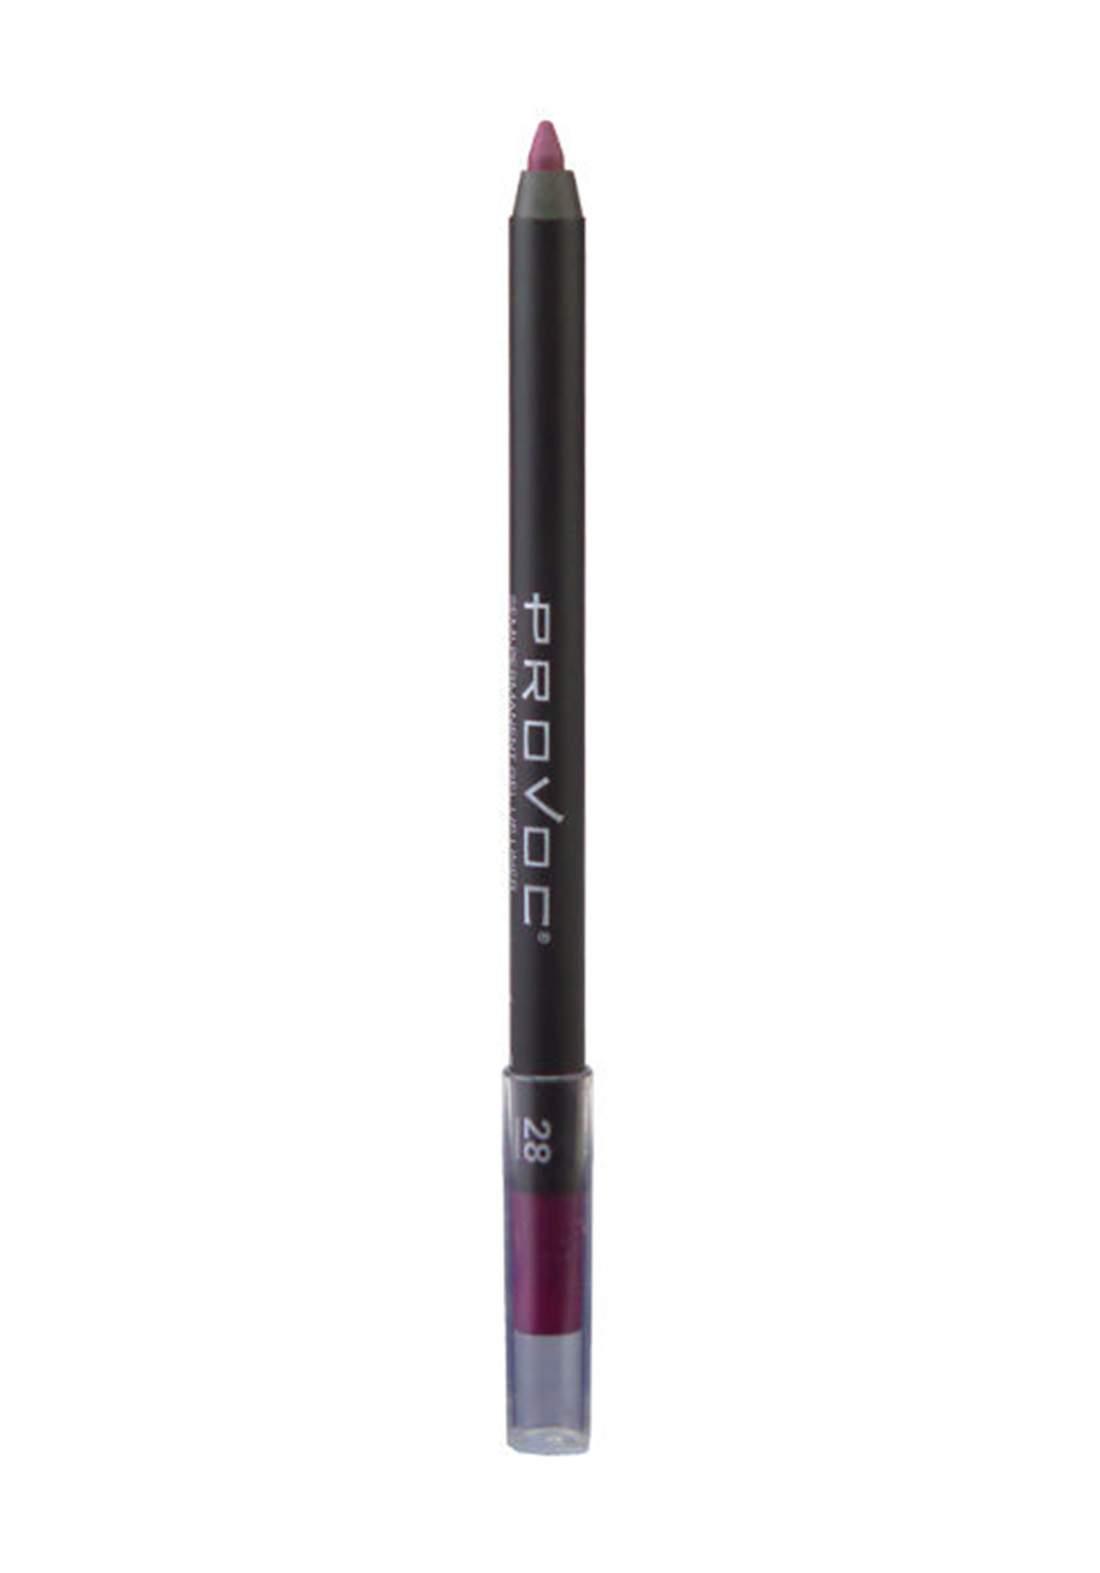 Provoc 353-0039 Semi Permanent Gel Lip Liner Pencil No.28 Sexy Cabernet محدد الشفاه